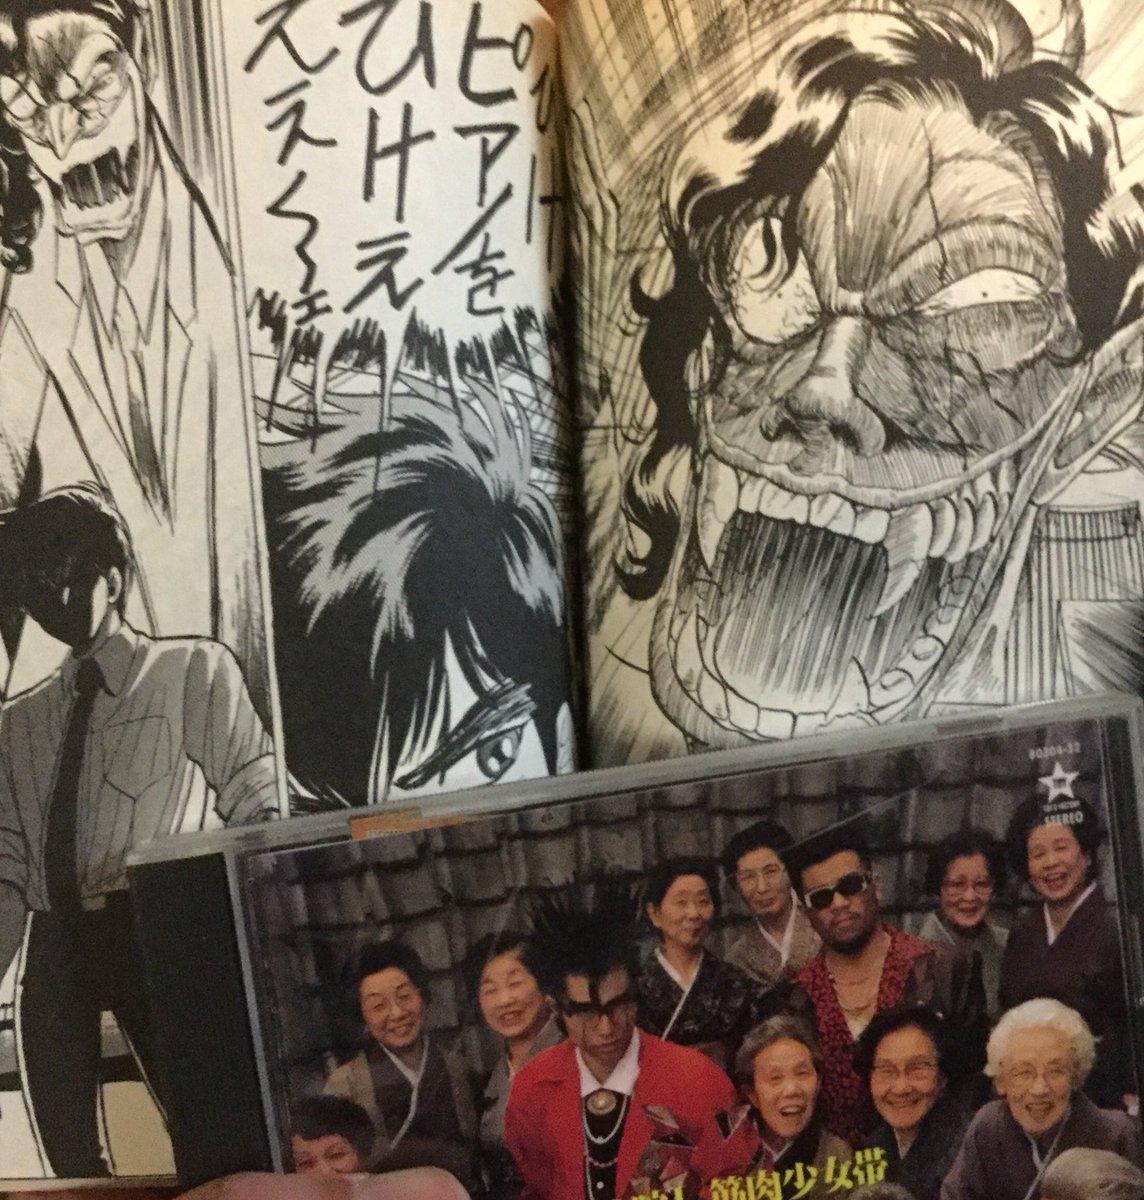 岡野剛@ぬ〜べ〜S第1巻発売中!'s photo on #あなたの大槻ケンヂはどこからですか